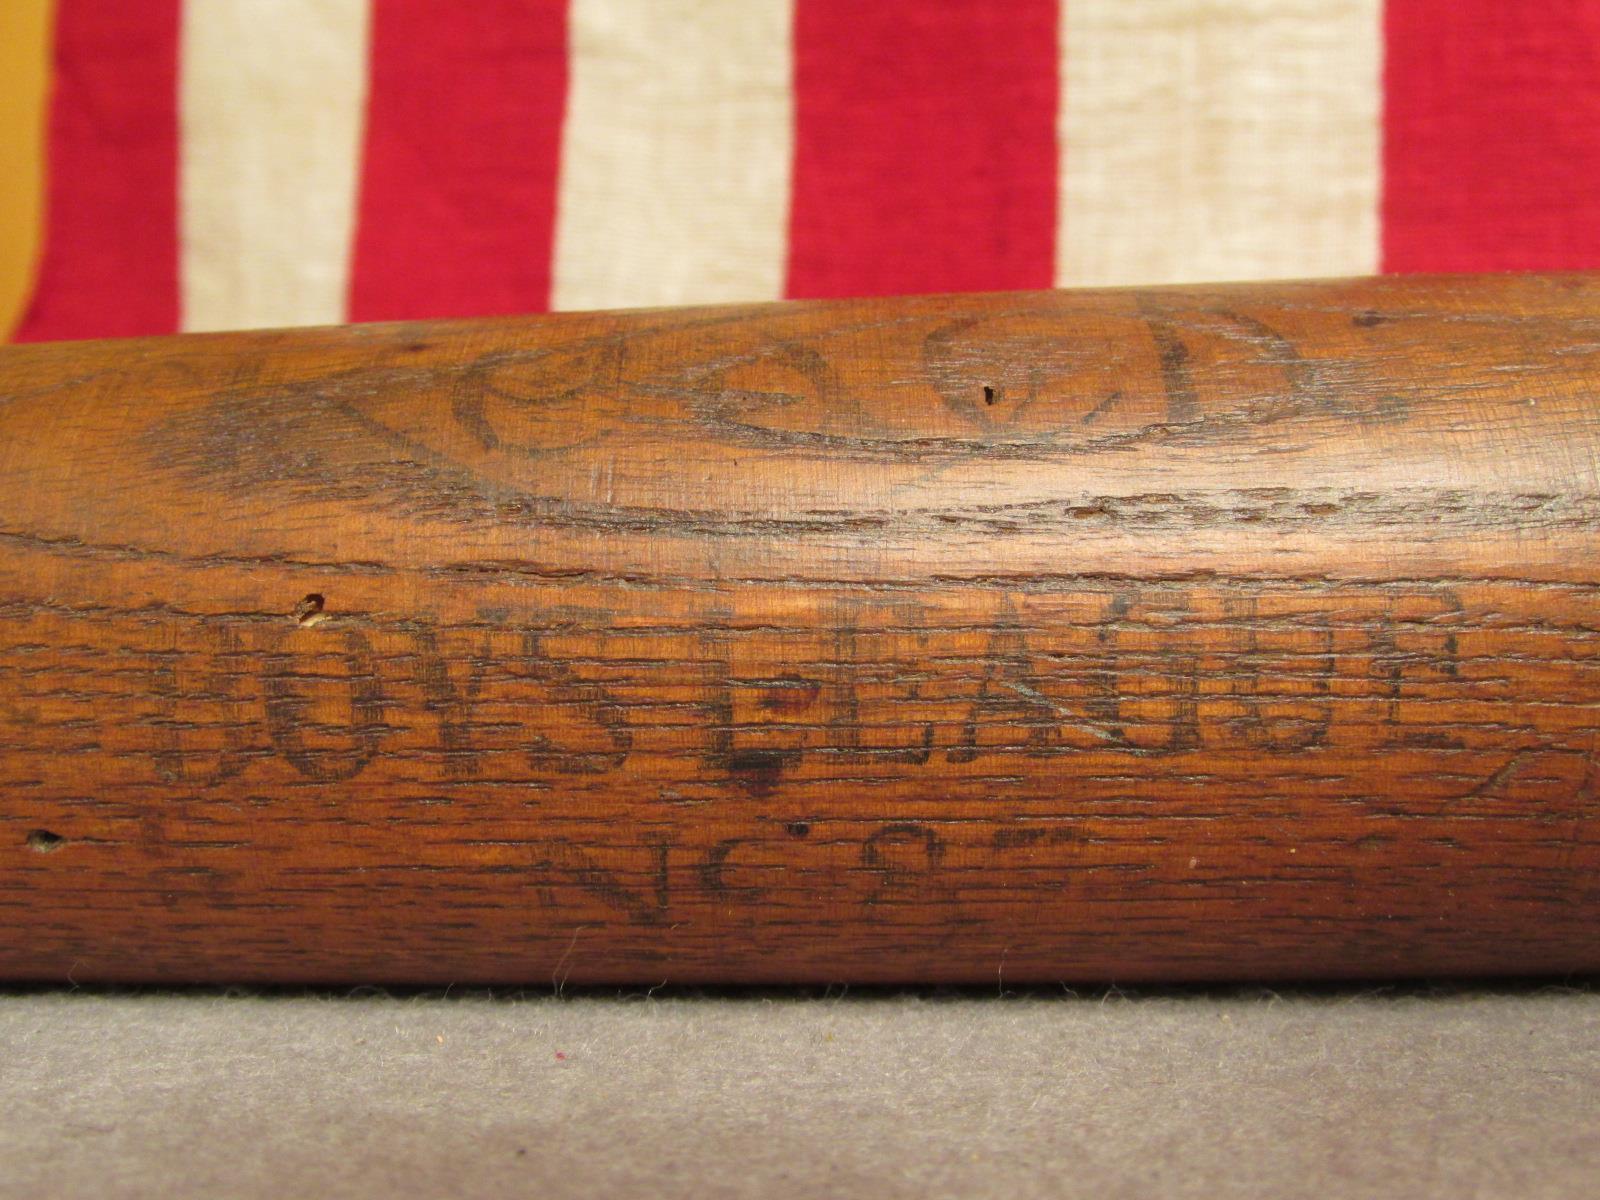 Vintage Reichweite Reichweite Reichweite Früh Holz Baseball Schläger No.87 Jungen League 28   Antik a5ebe4